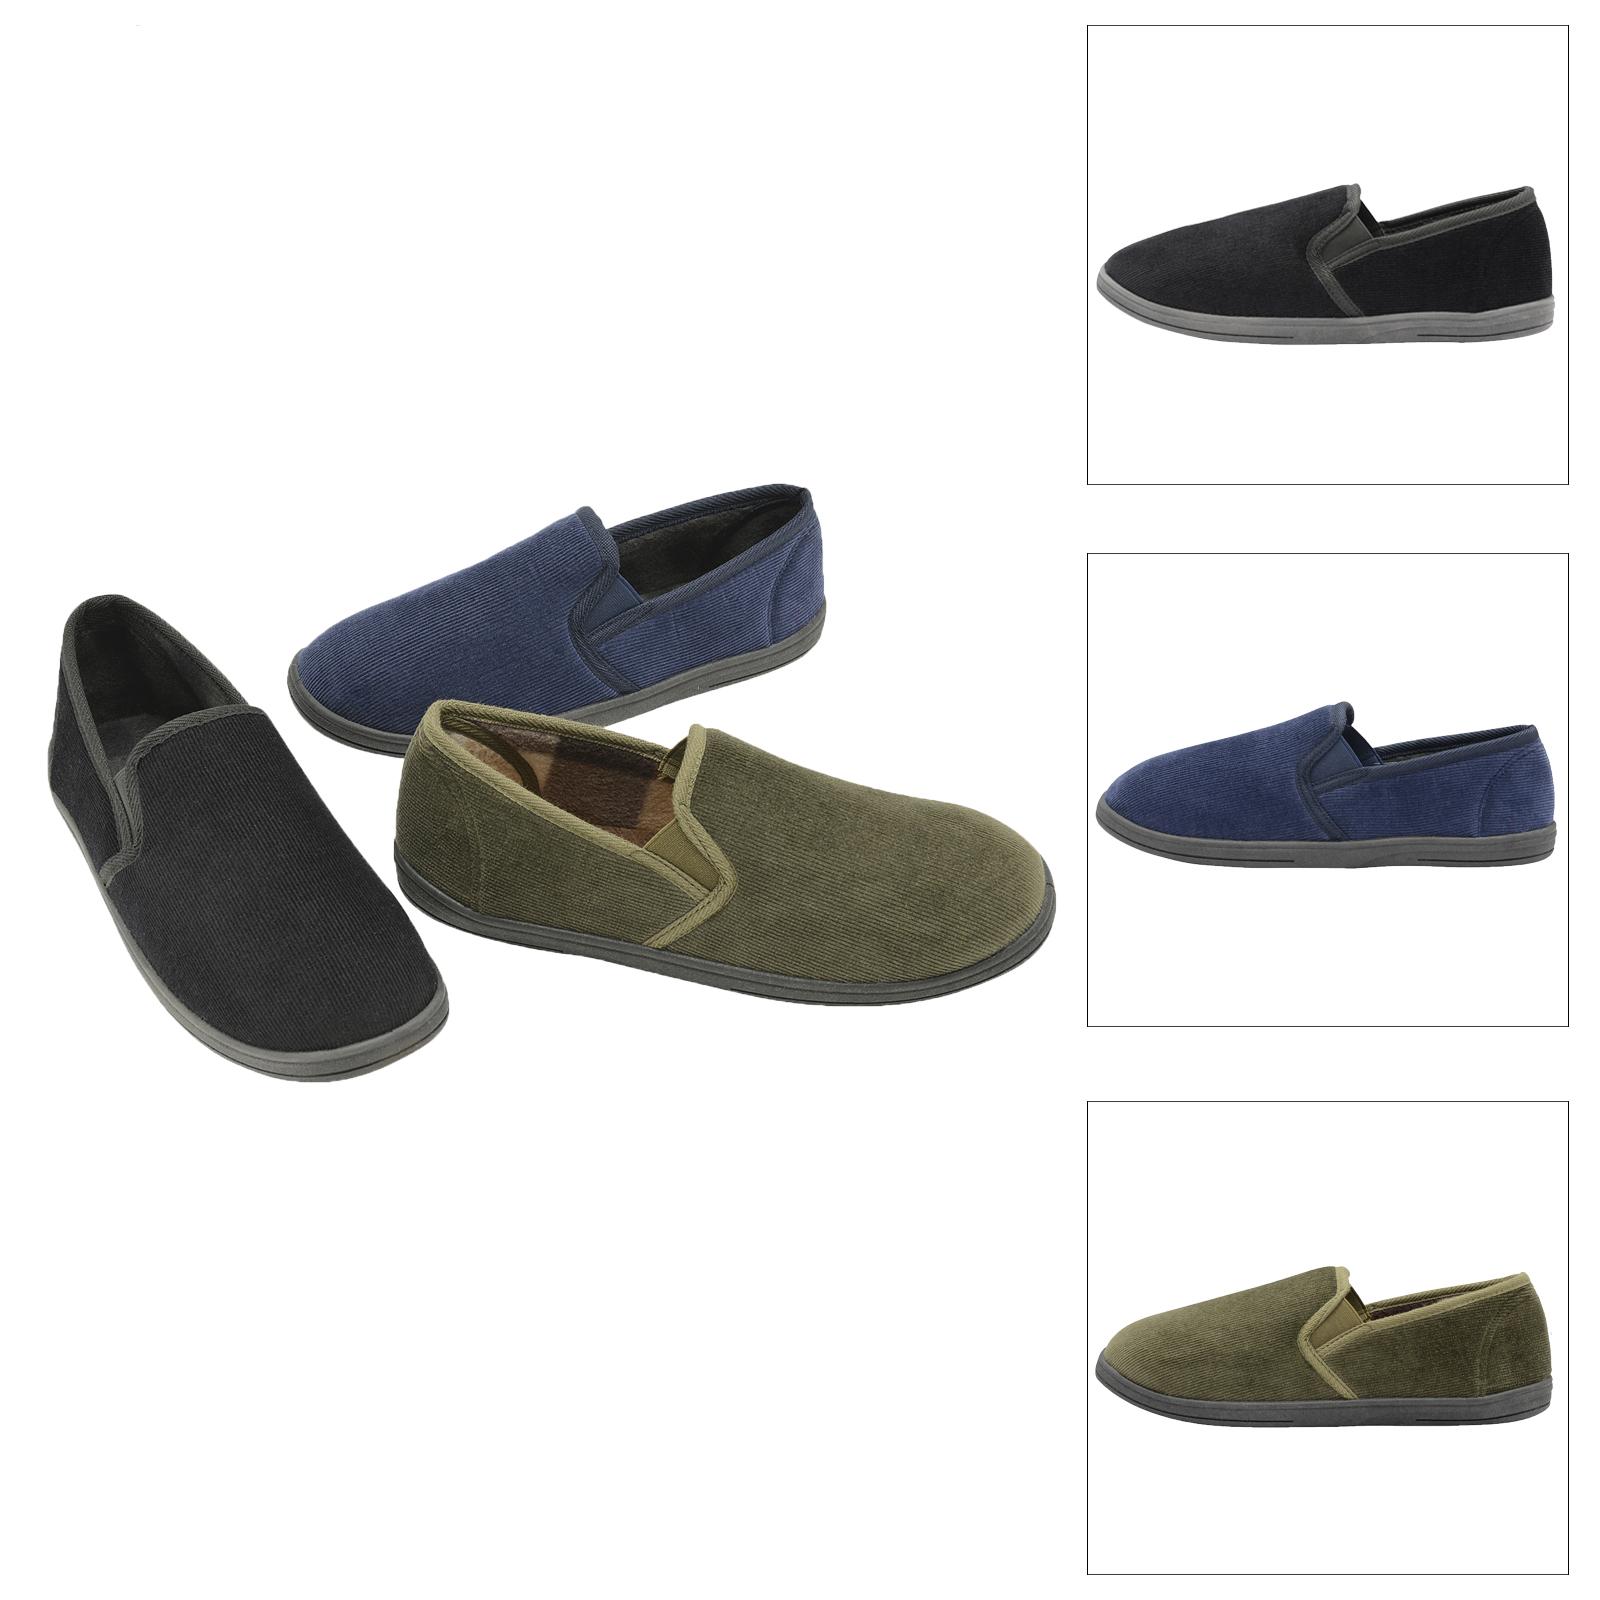 Dunlop Mens Alvere Super Soft Slipper Luxury fy Warm Slip